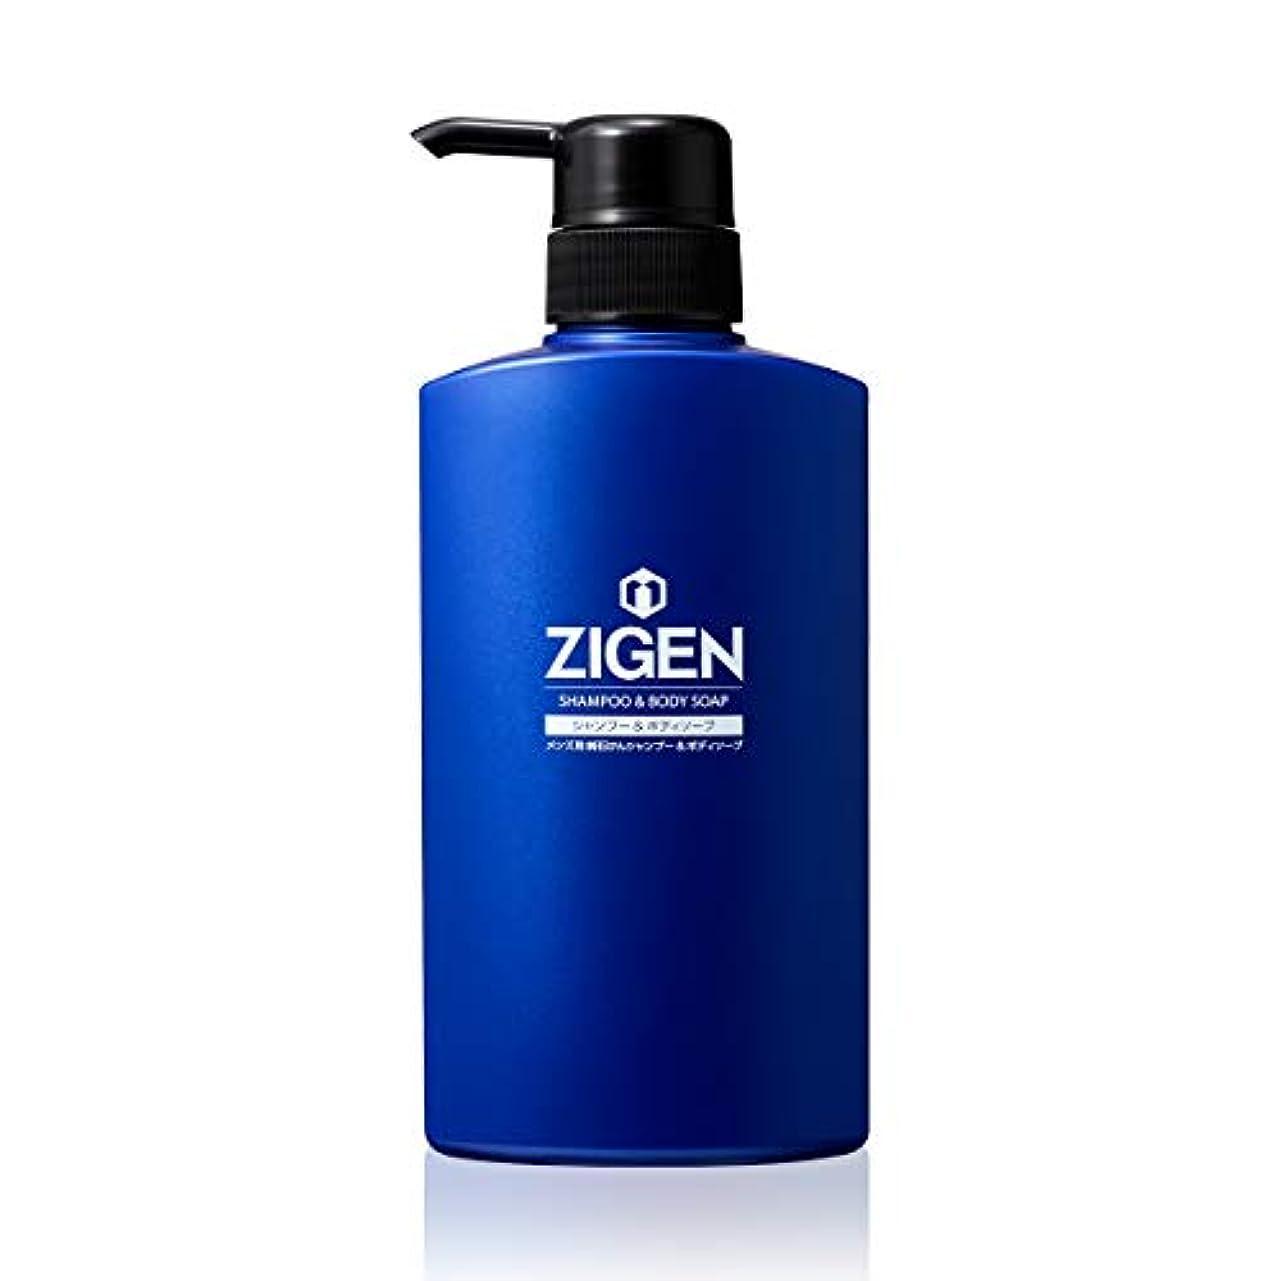 ひいきにする精緻化加入ZIGEN (ジゲン) 純石けん オールインワン シャンプー&ボディソープ 500ml [ メンズ用 全身 合成界面活性剤不使用 ]